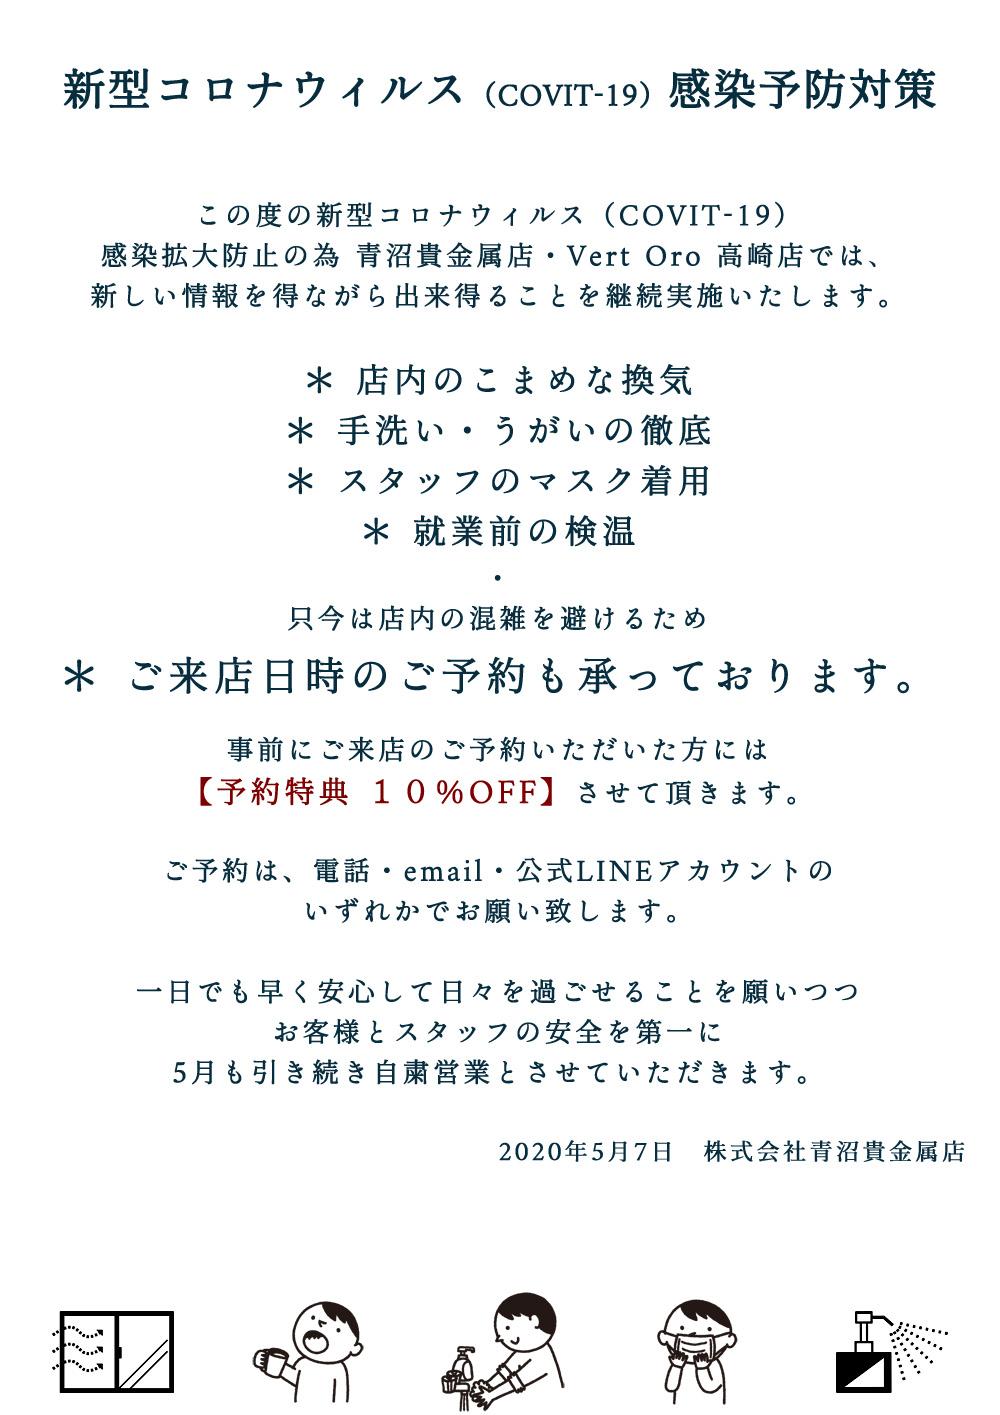 営業日延長店頭pop案内編(web2)